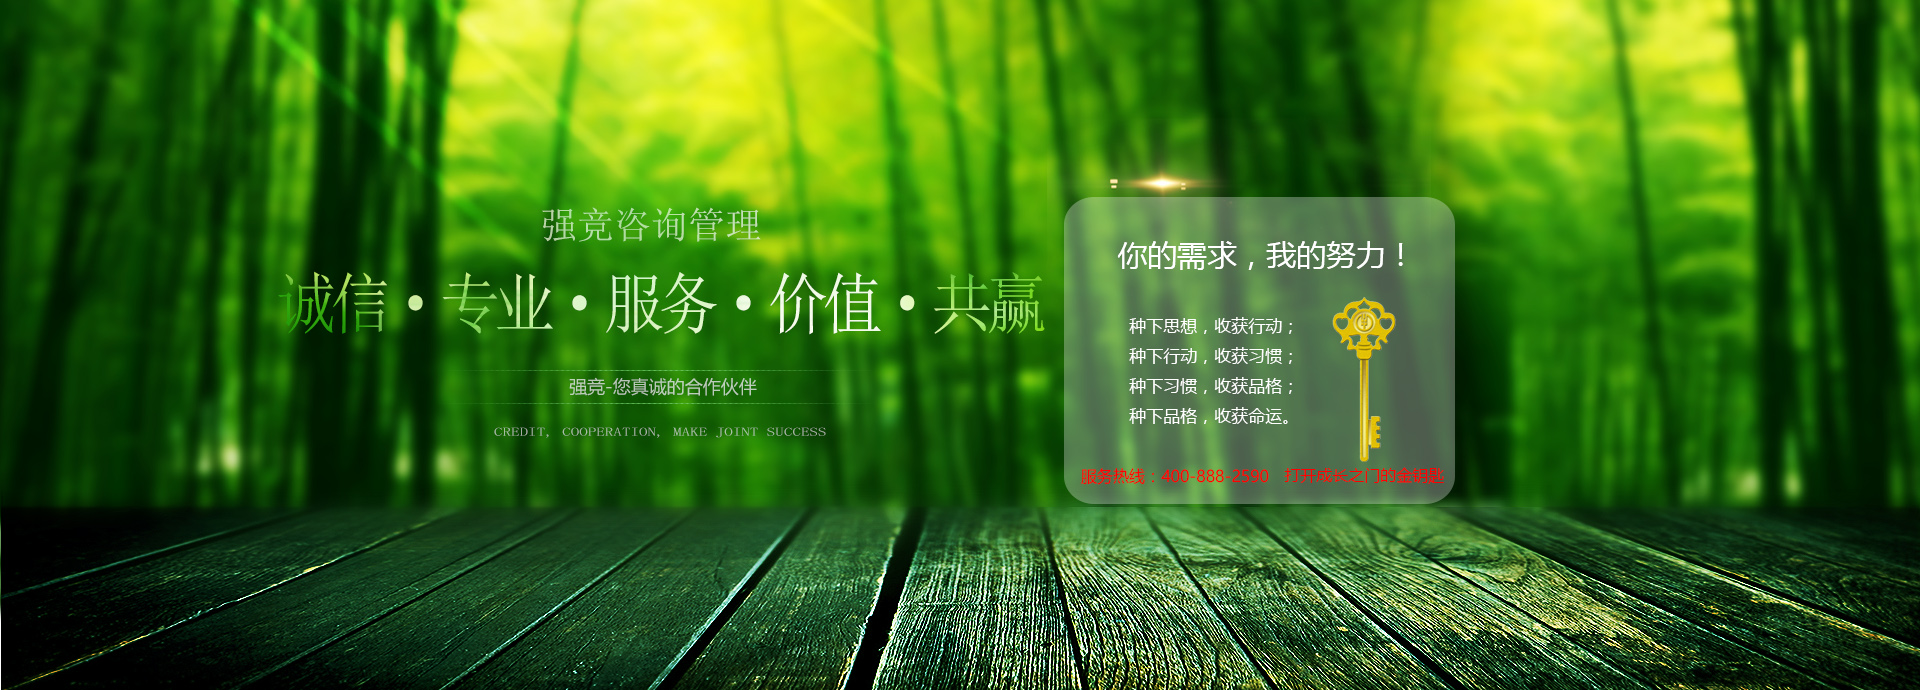 亚虎娱乐_亚博国际娱乐